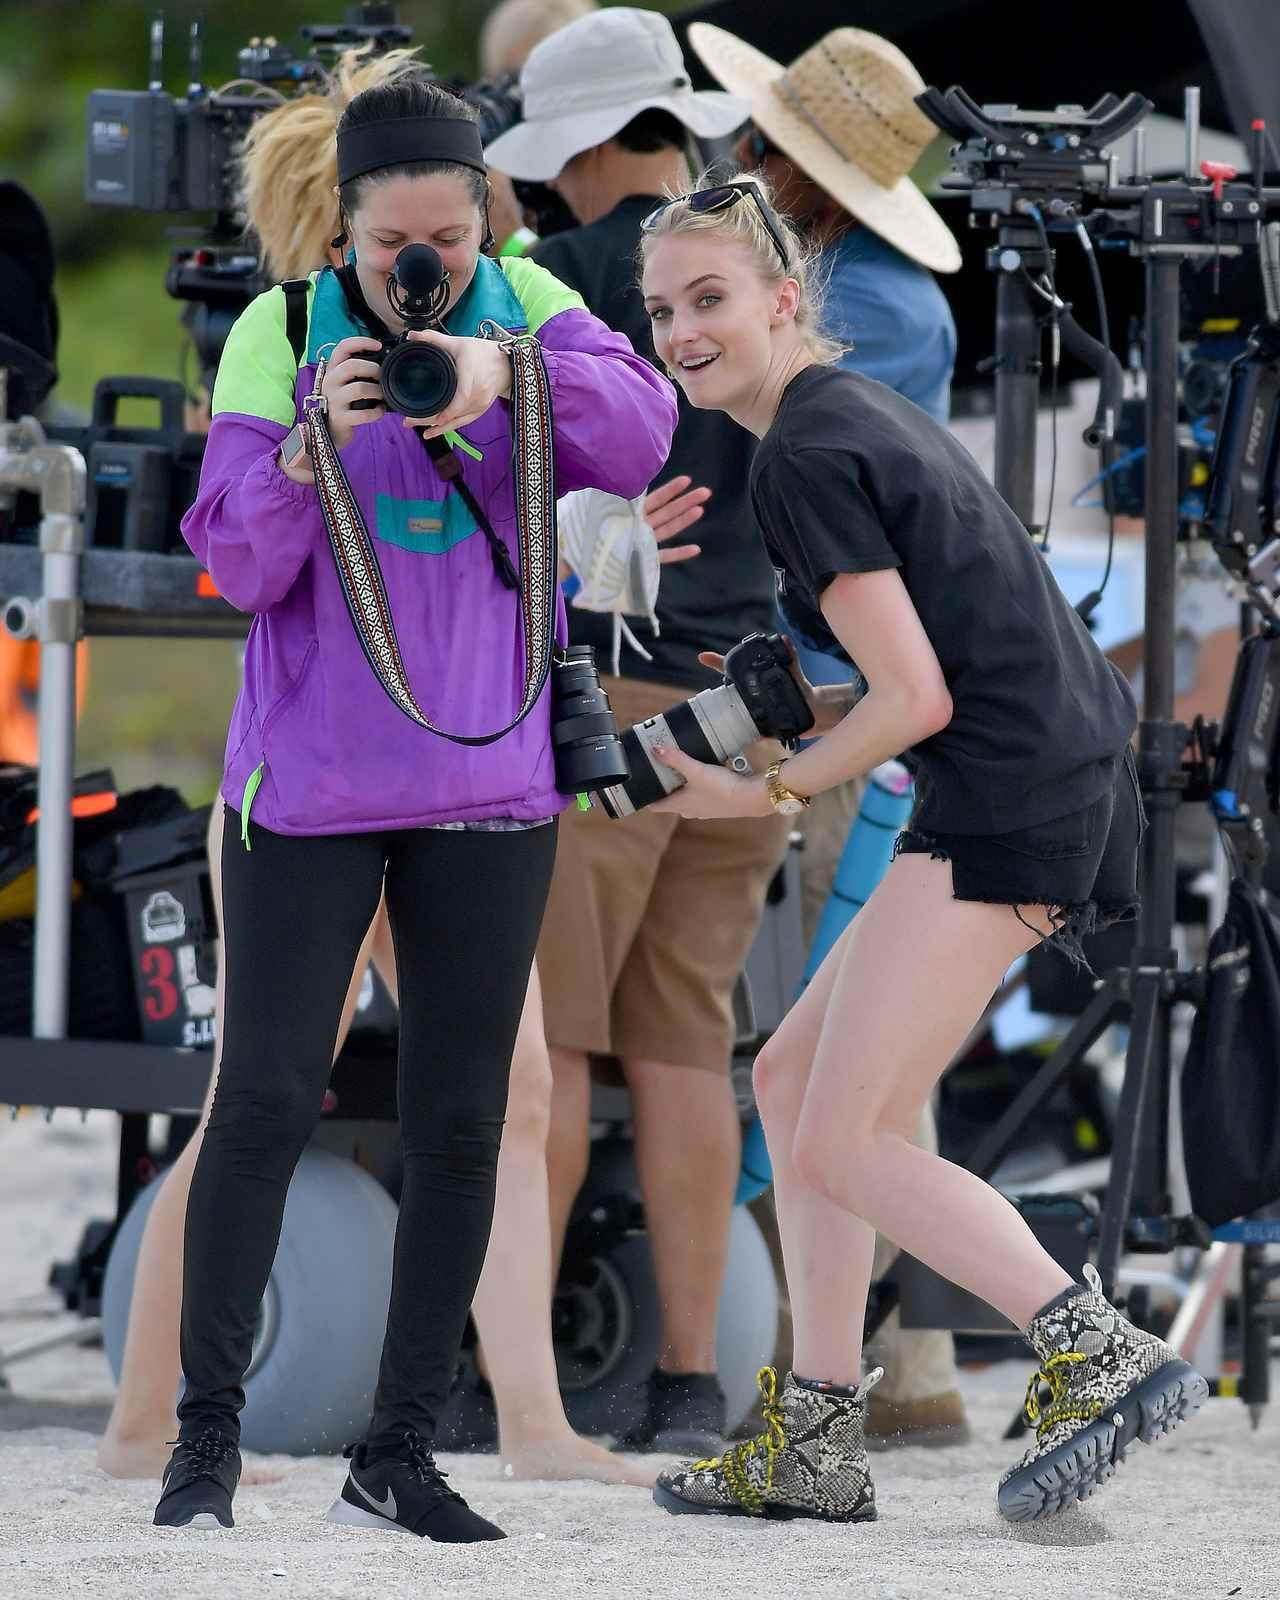 画像3: ソフィー・ターナー、撮影現場をパパラッチする人を逆パパラッチ